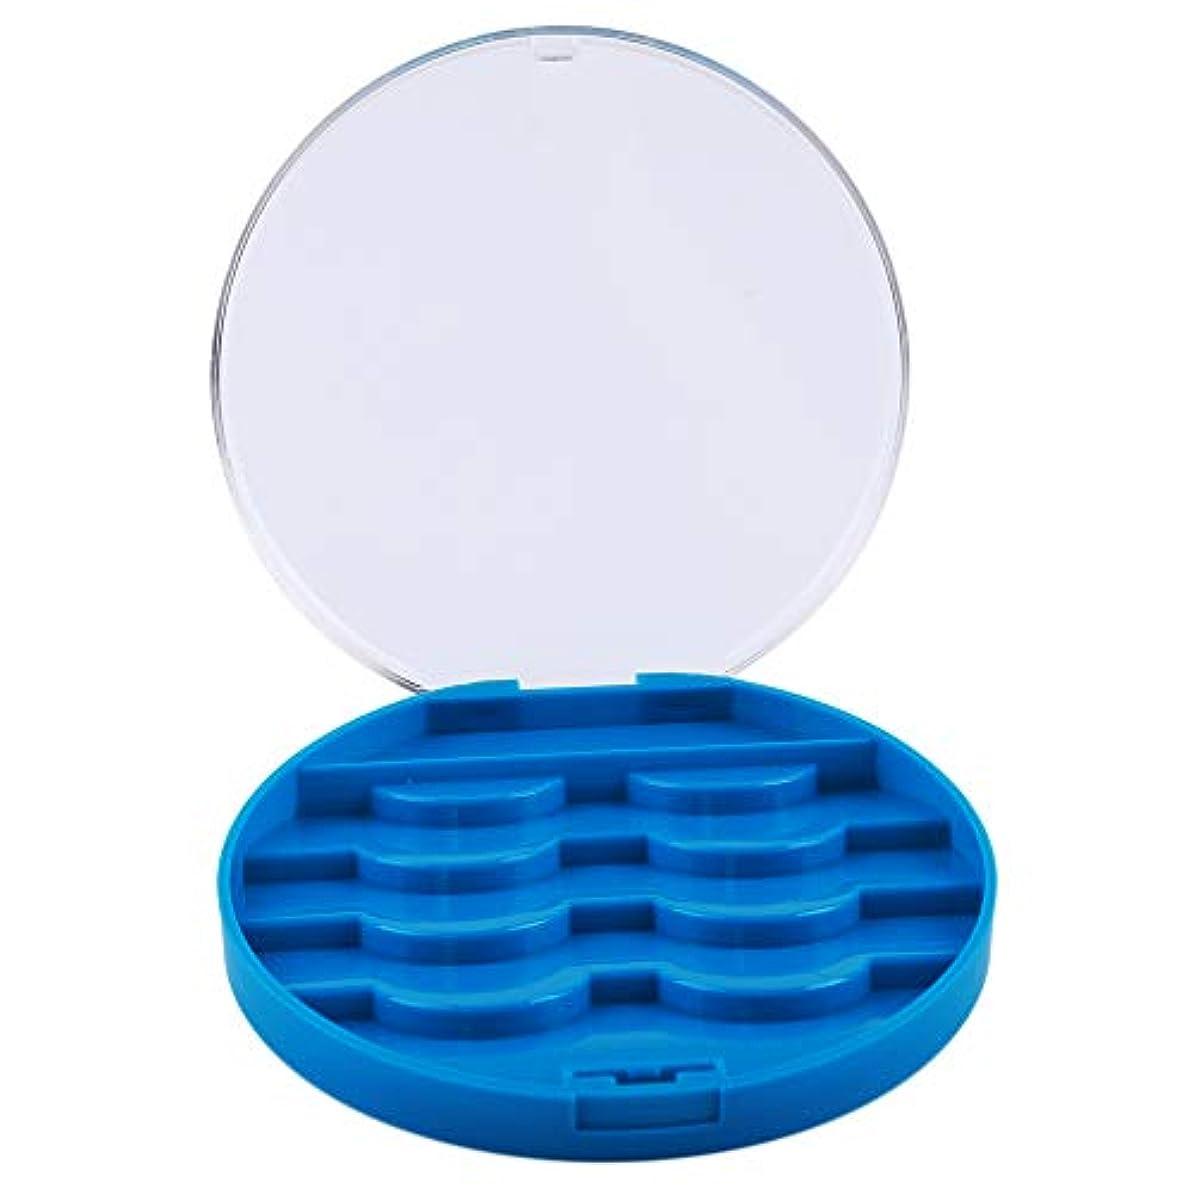 脆い欠かせない破壊的なJIOLK まつげケース 付けまつげ まつげ 収納ボックス 小物収納ケース 便利 メイクアップ 可愛 コンテナ ラッシュ ホルダー